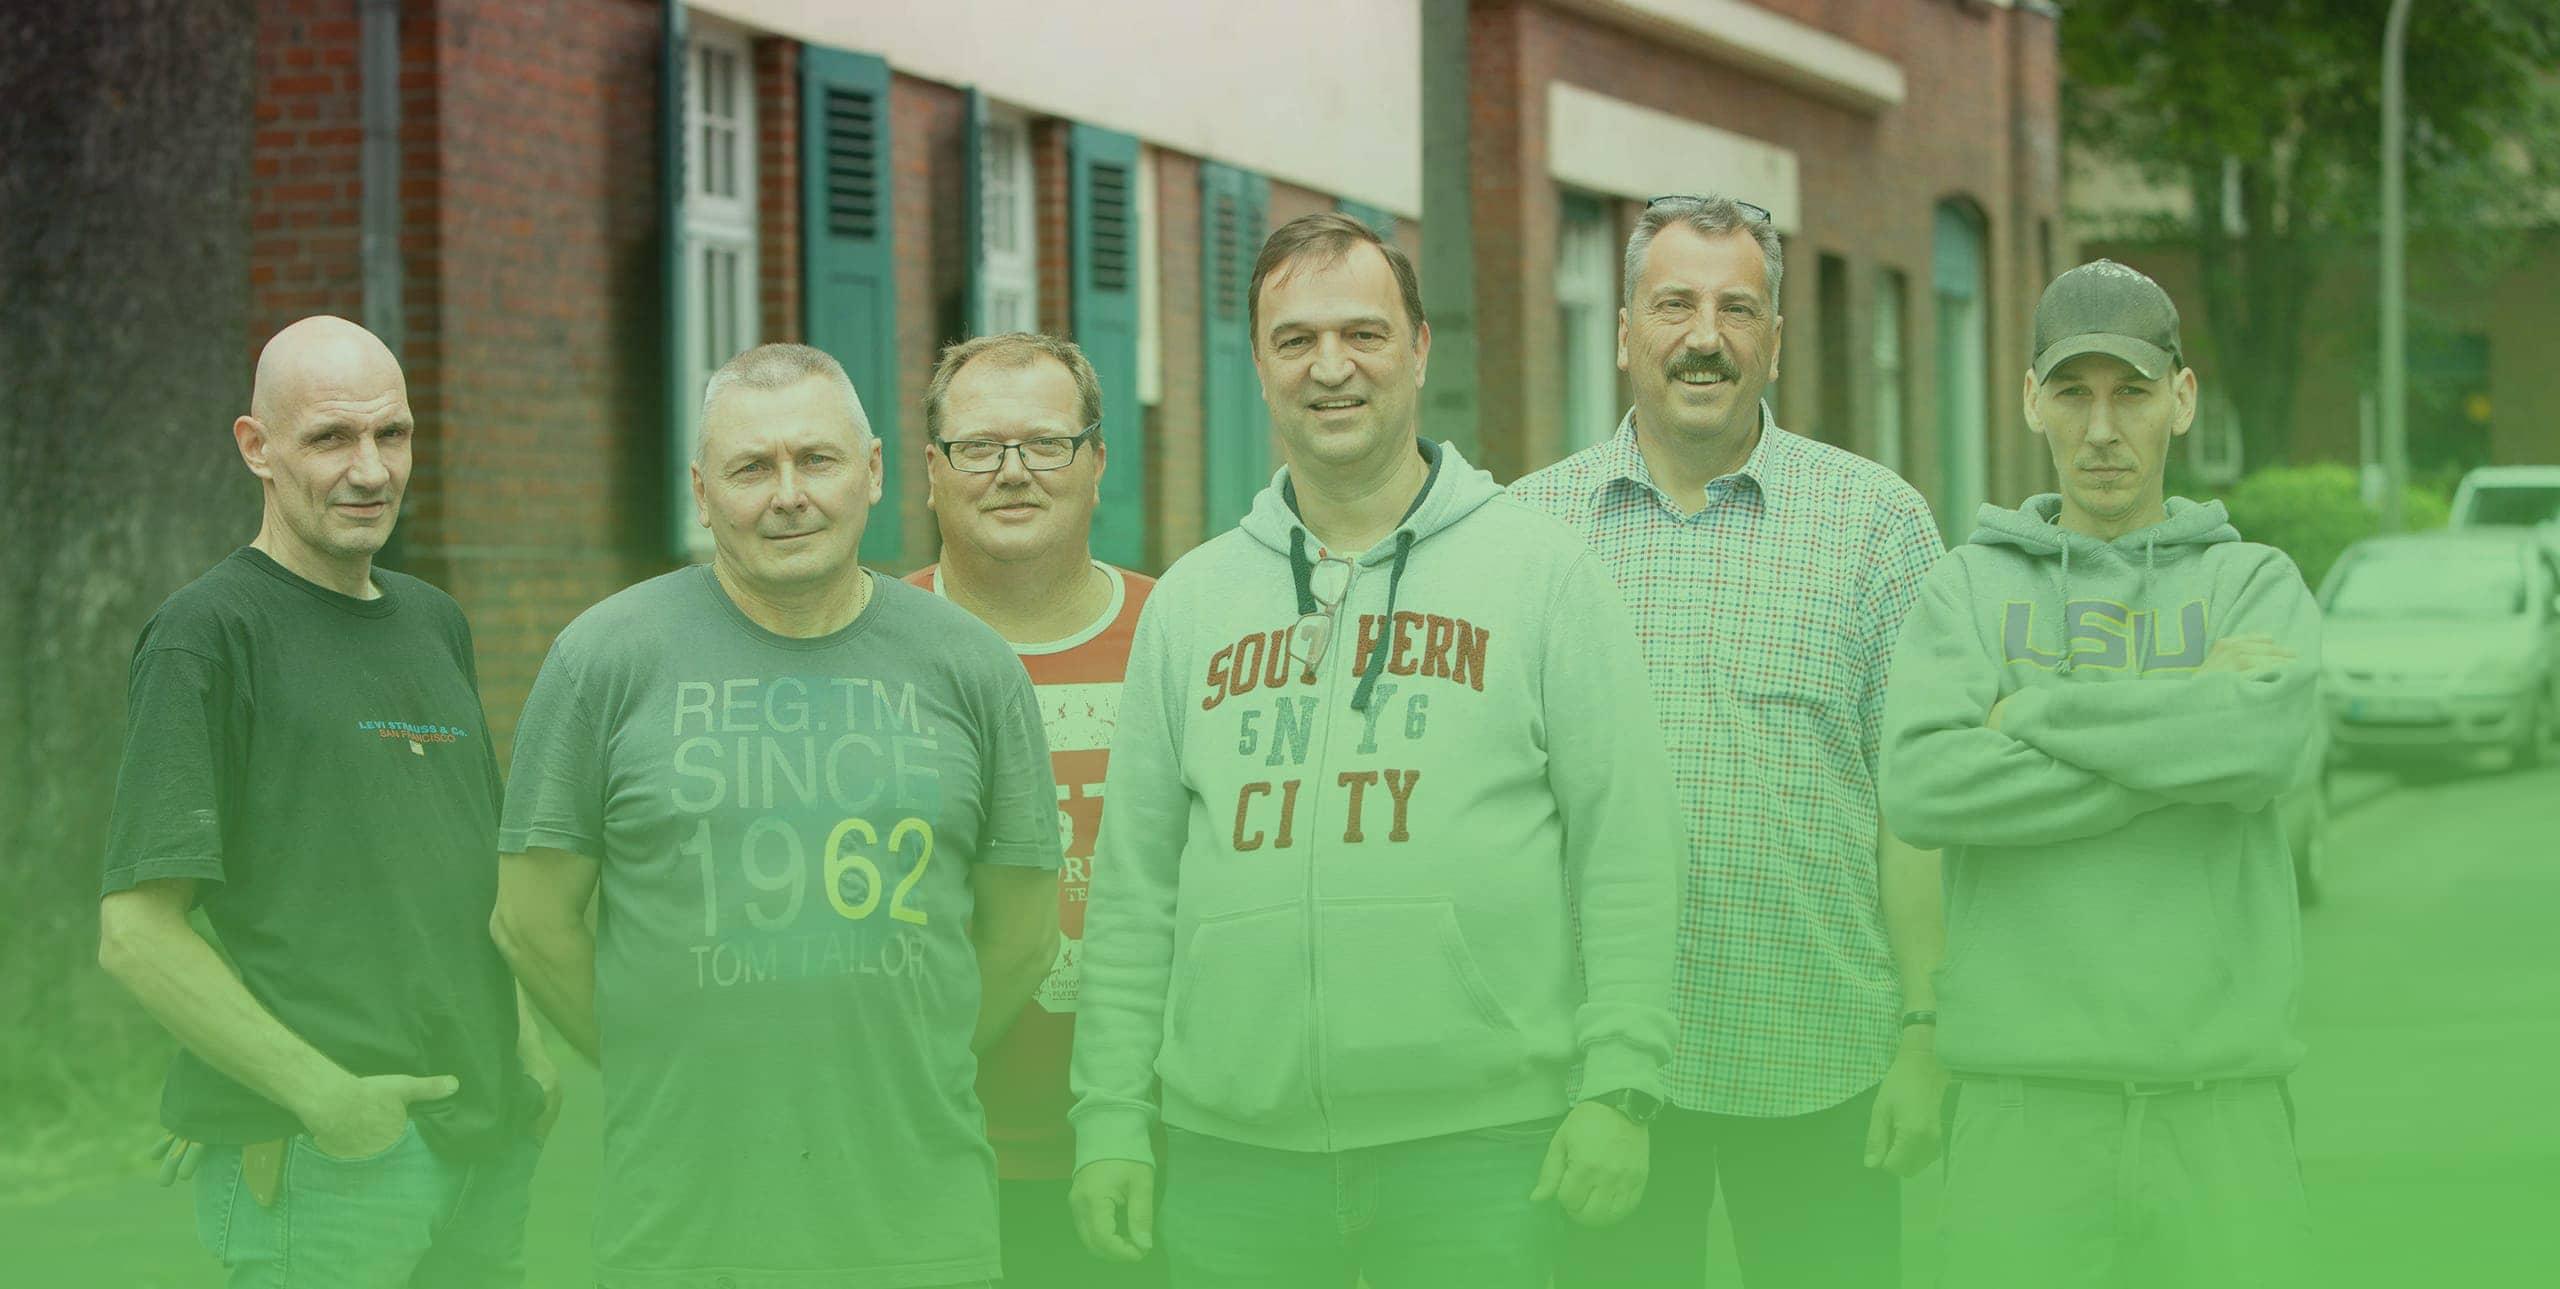 teamfoto der schulze trienenjost gbr